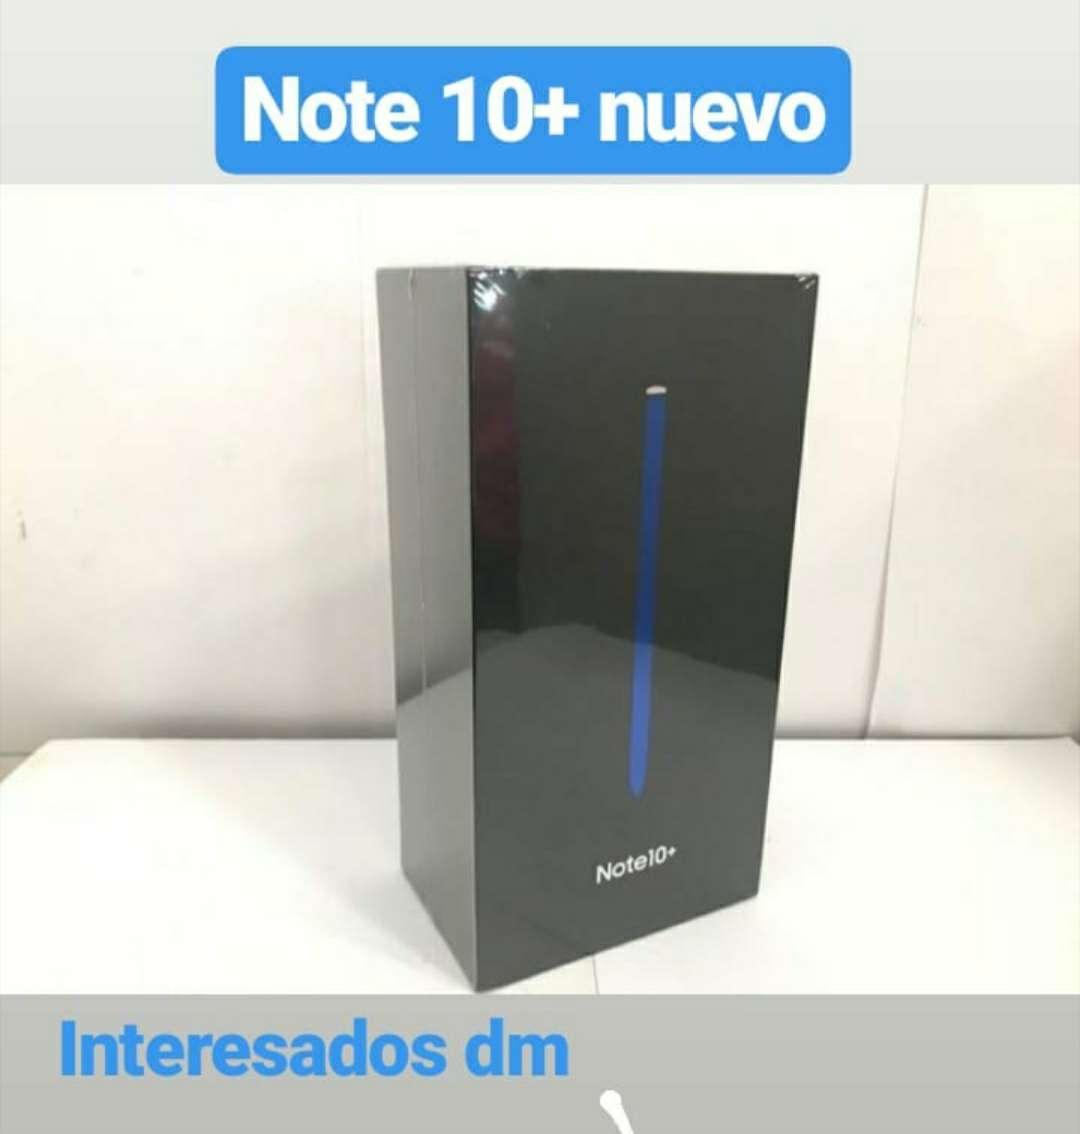 Imagen Samsung Galaxy Note10+